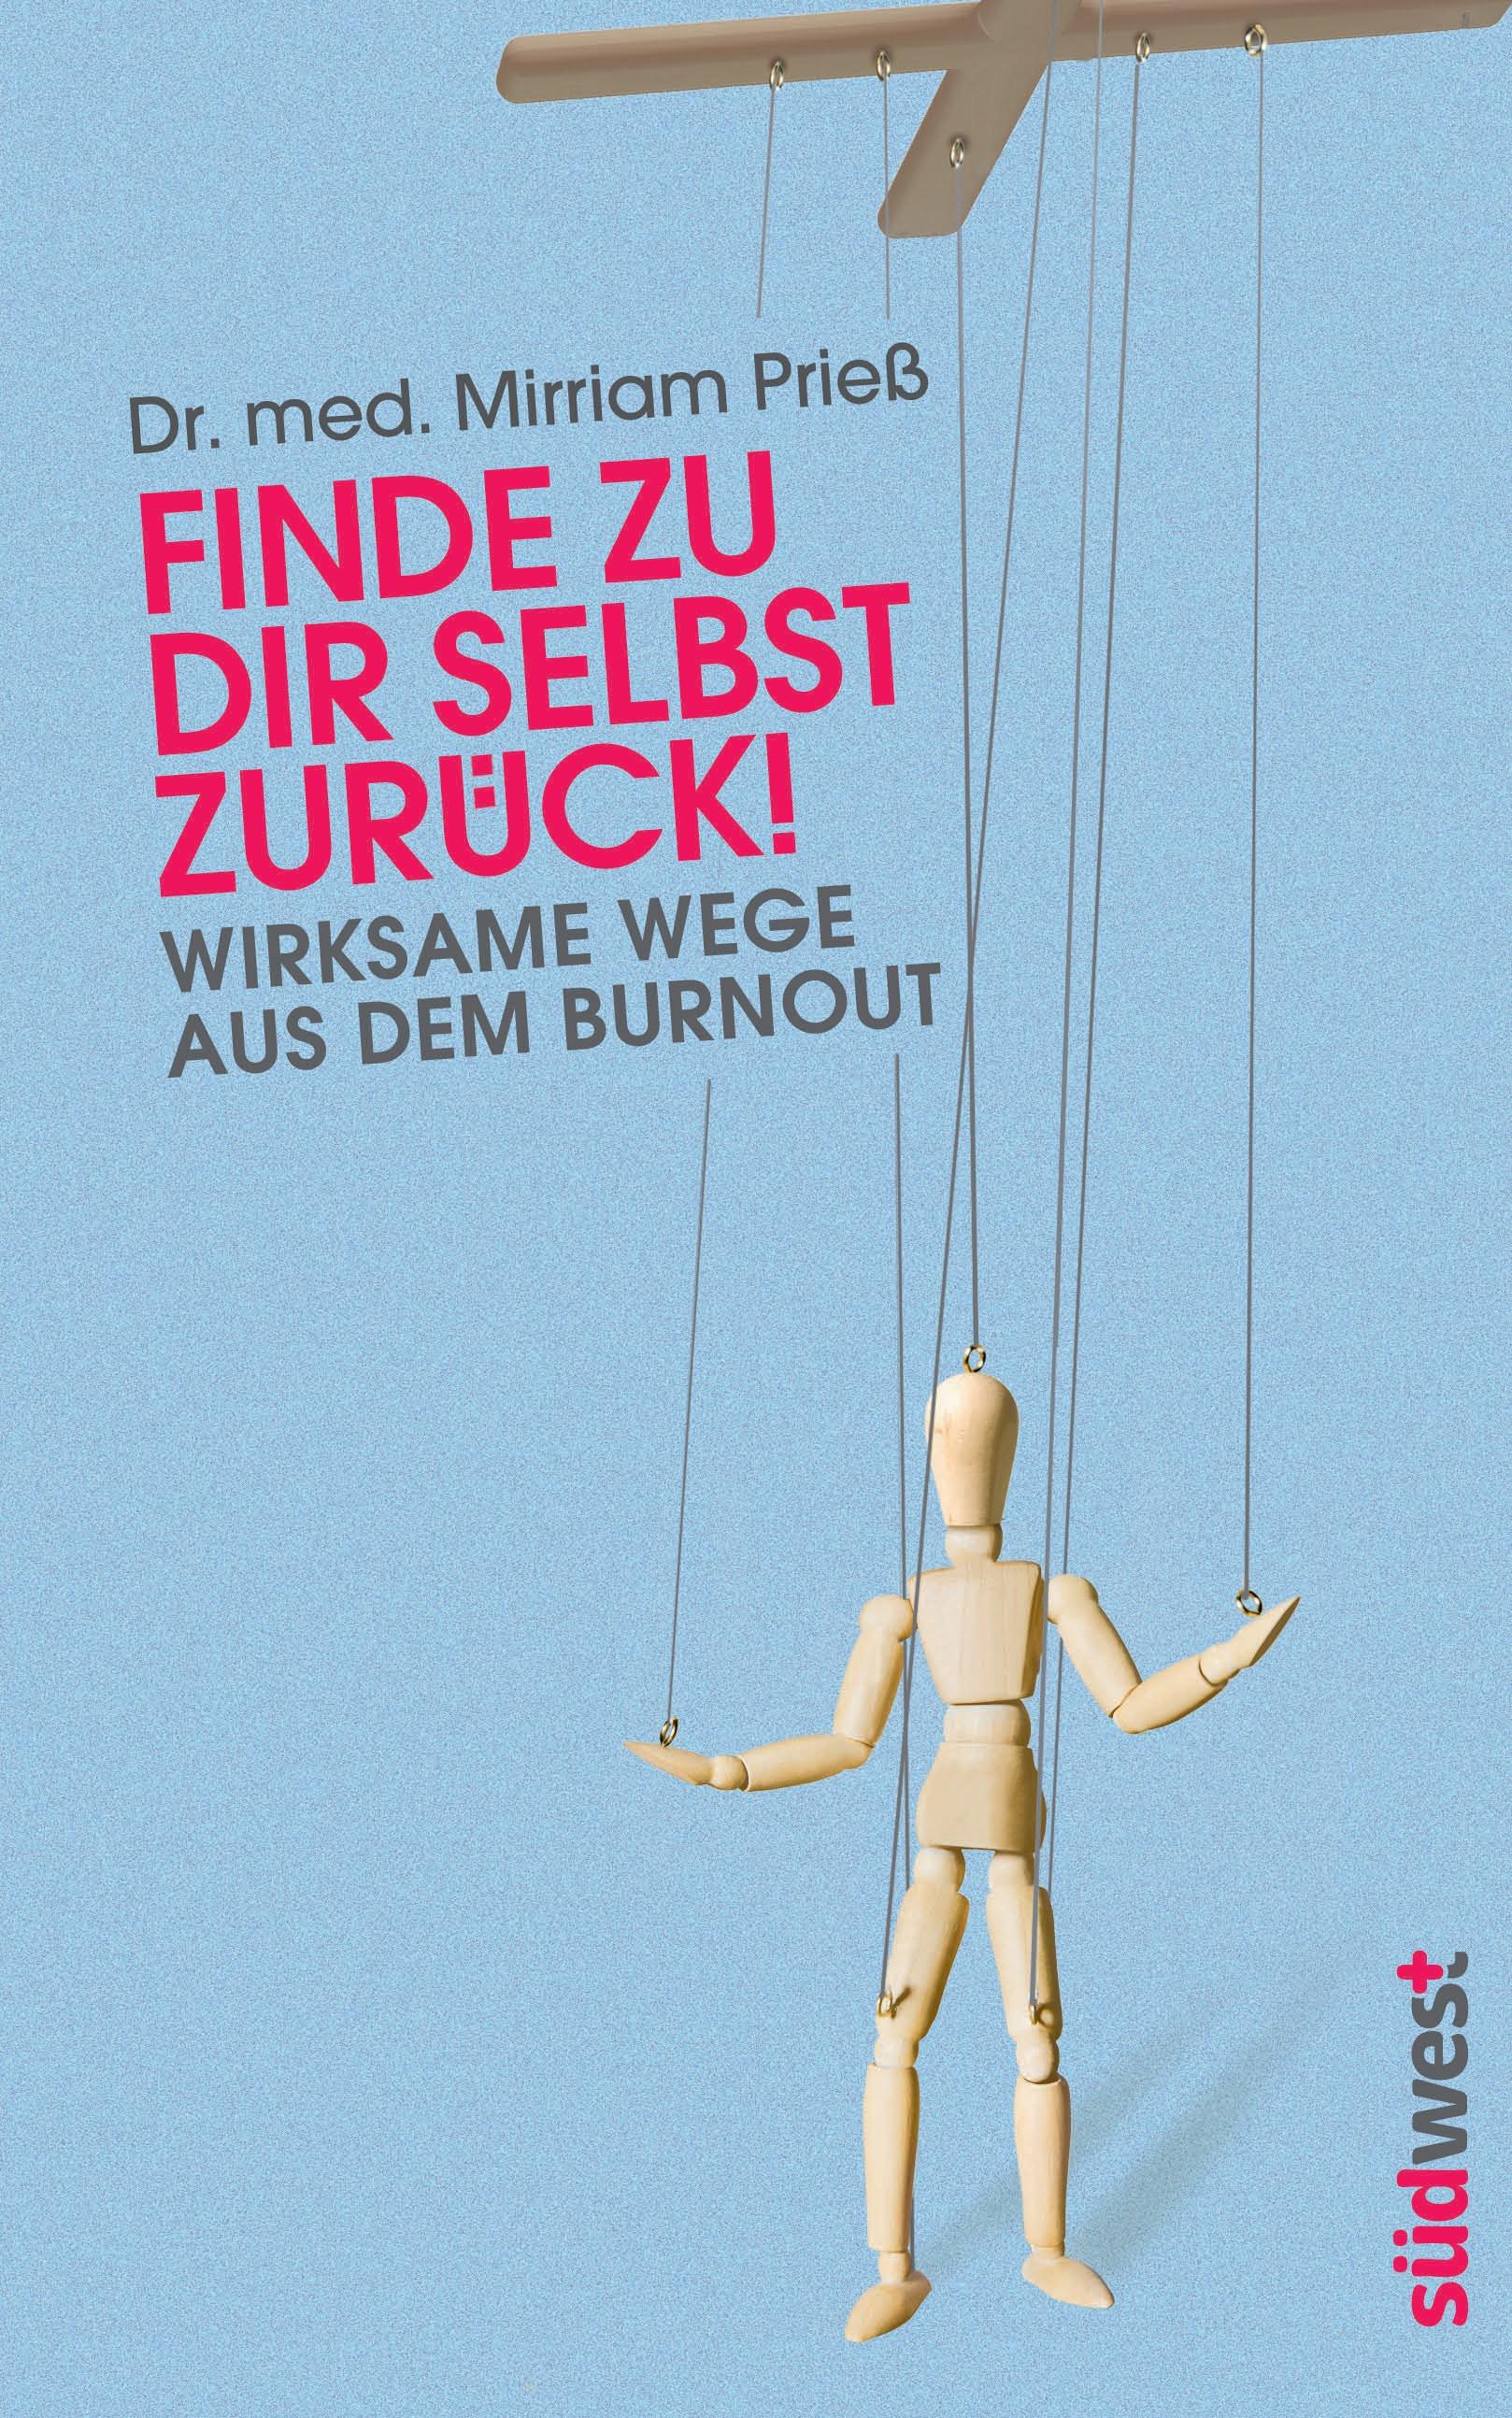 Finde zu dir selbst zurück!: Wirksame Wege aus dem Burnout - Mirriam Prieß